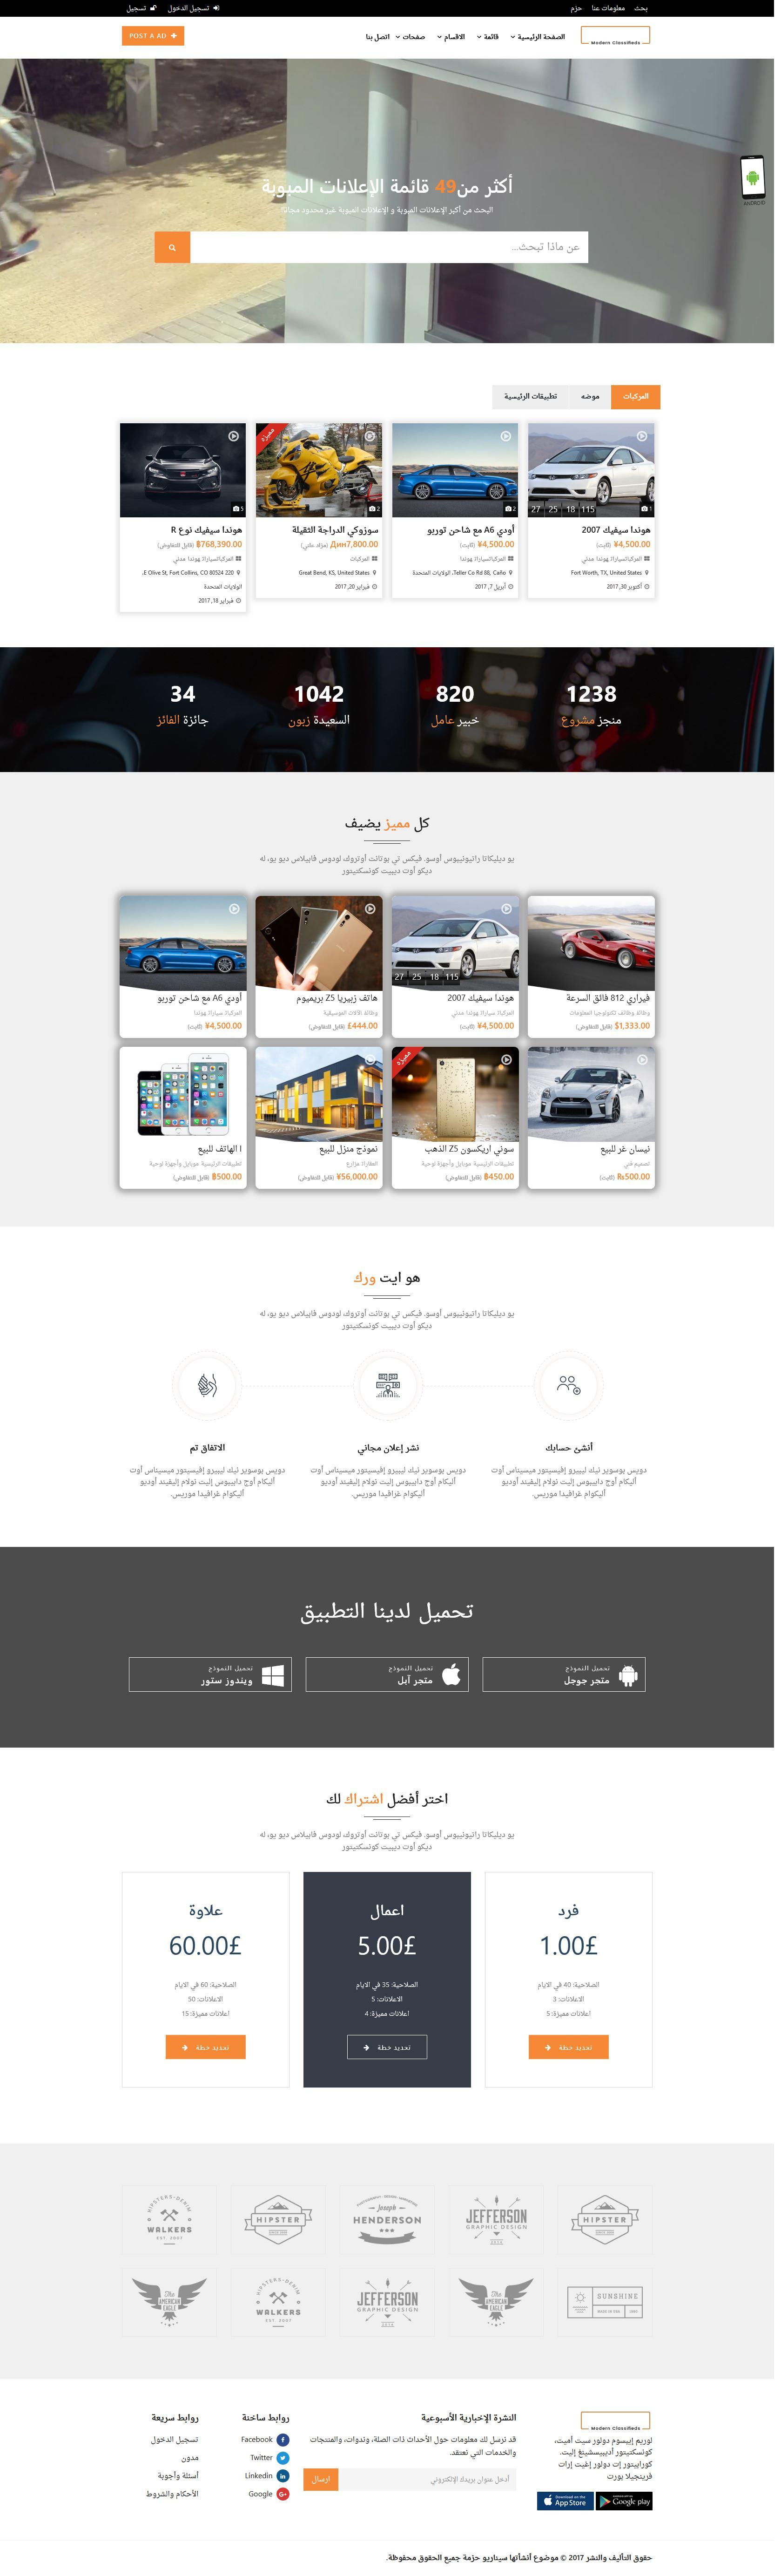 تصميم برنامج موقع سوق تسوق تسويق اعلانات مبوبة - صفحة موقع واجهة شاملة تصنيفات وعروض اعلانية 2